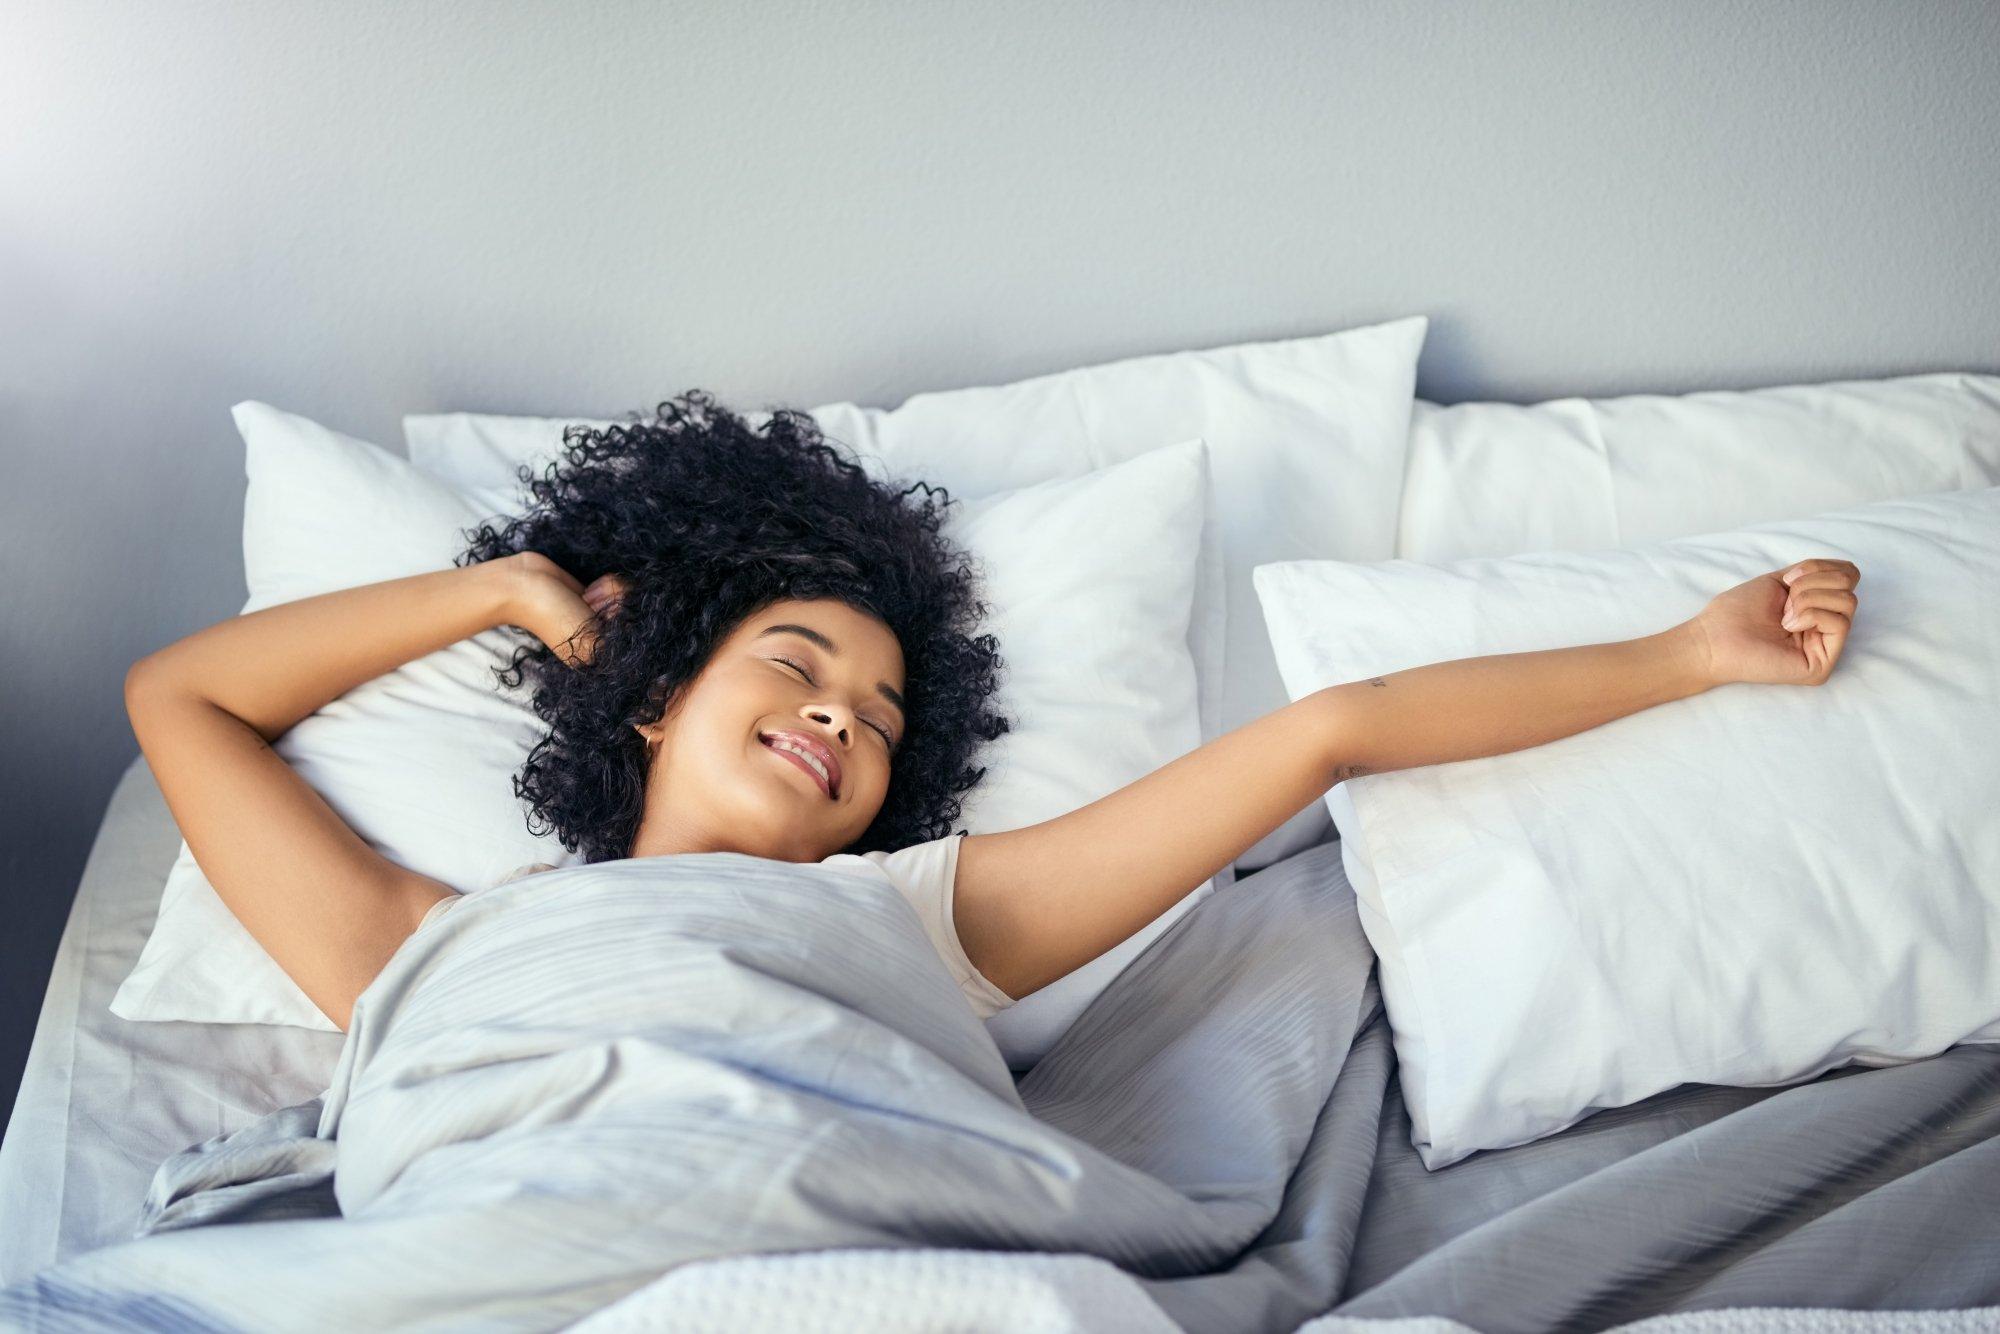 Quelle est la meilleure façon de se réveiller en douceur ?